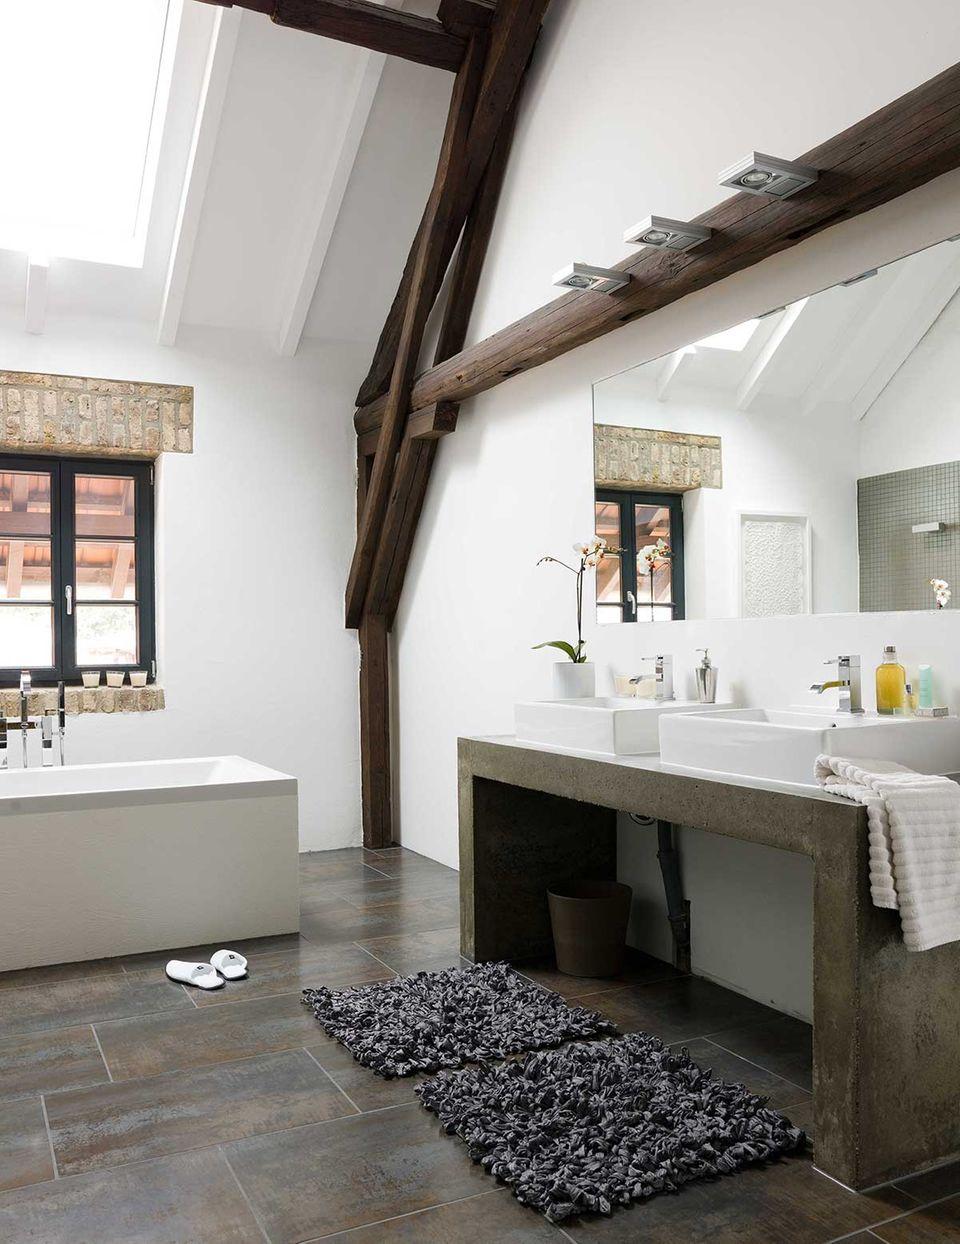 Badezimmer in einem zum Loft umgebauten Bauernhof